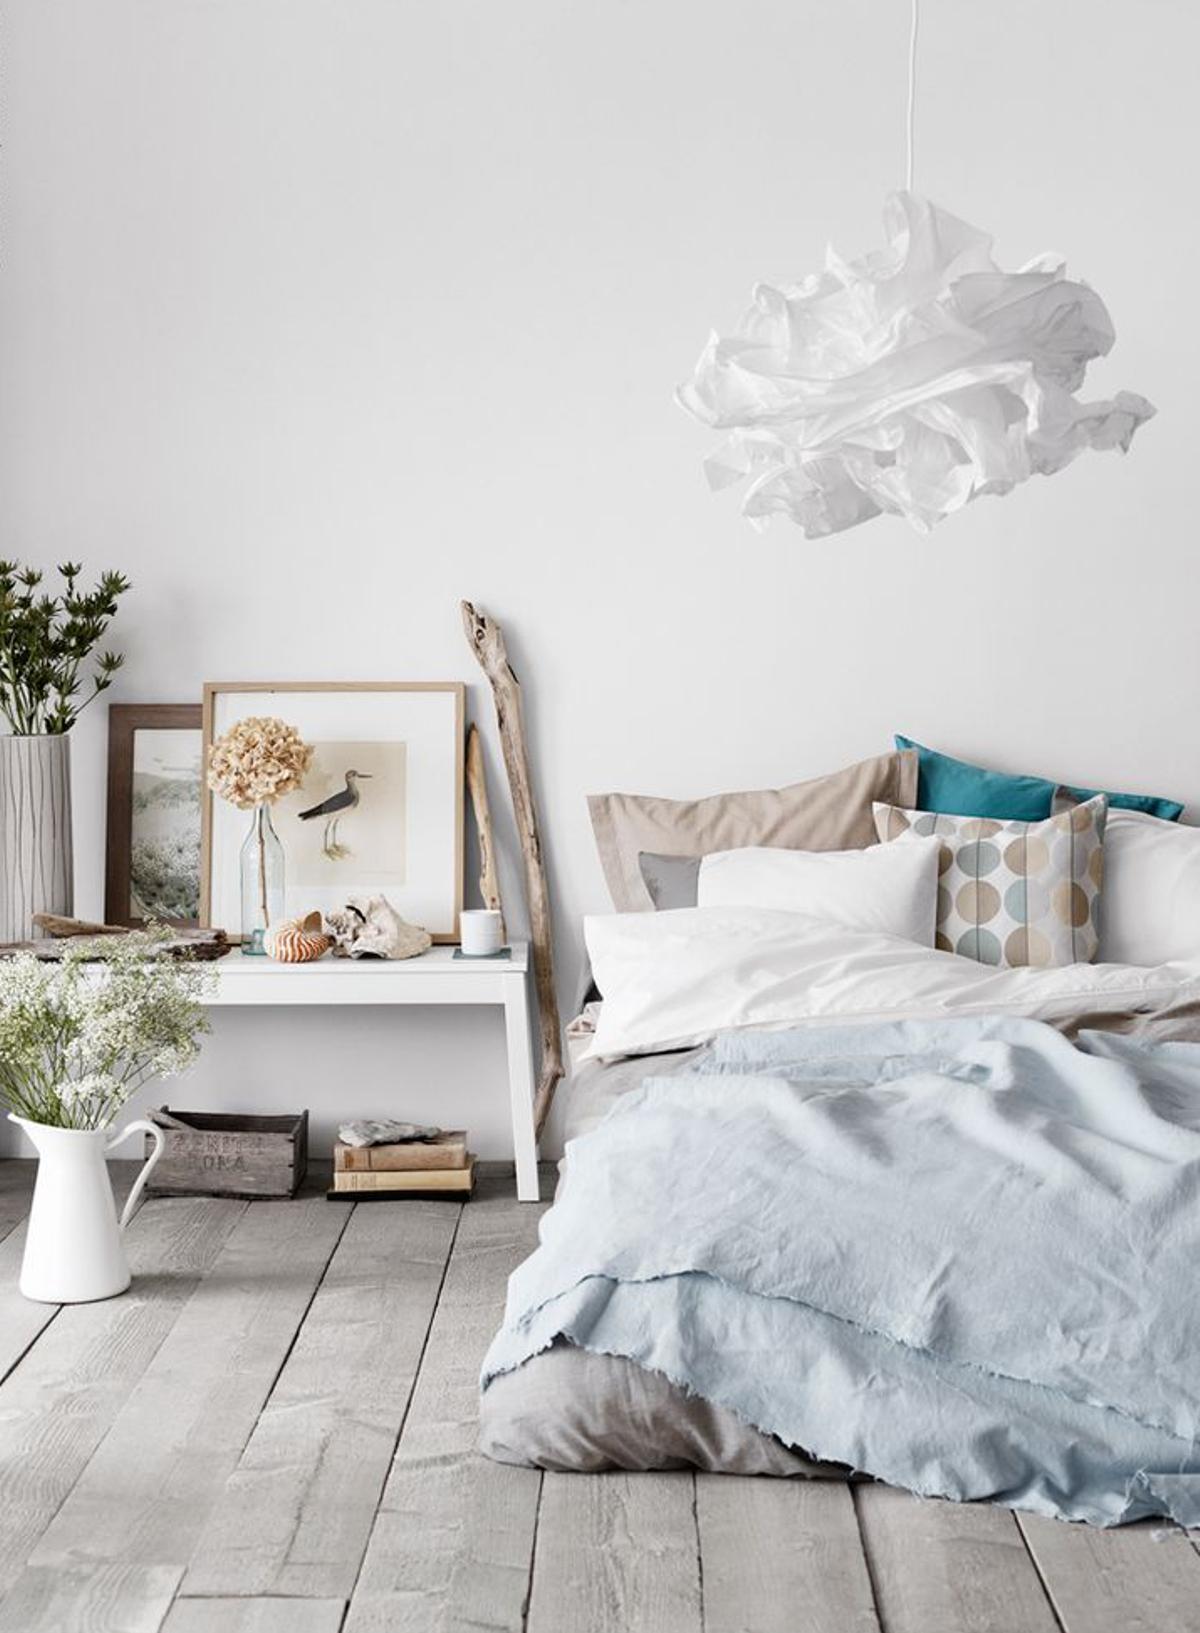 dormitorio para el verano complementos